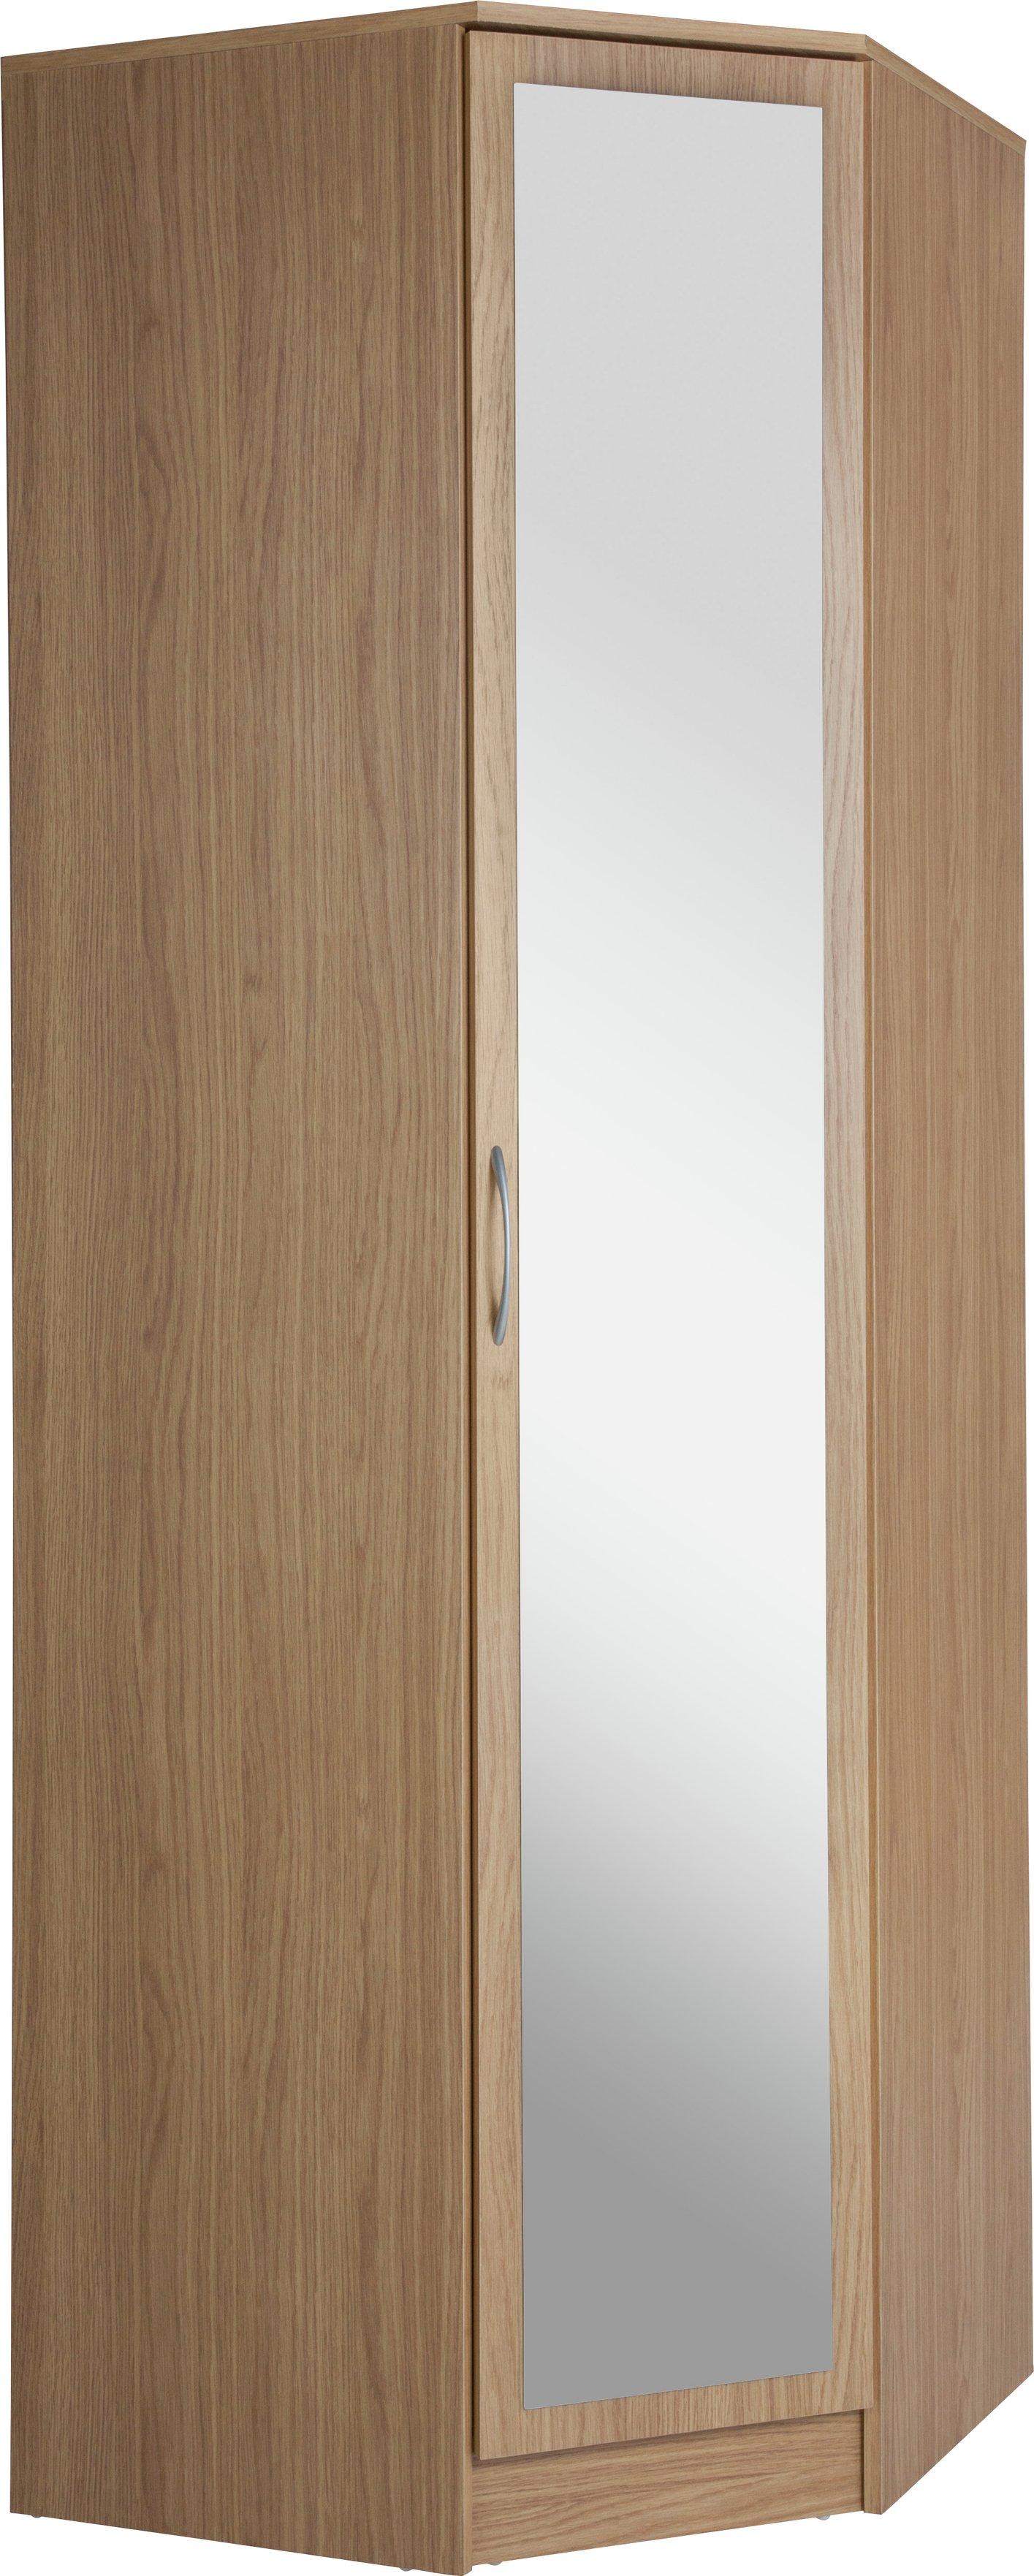 Argos Home Cheval 1 Dr Mirrored Corner Wardrobe - Oak Effect